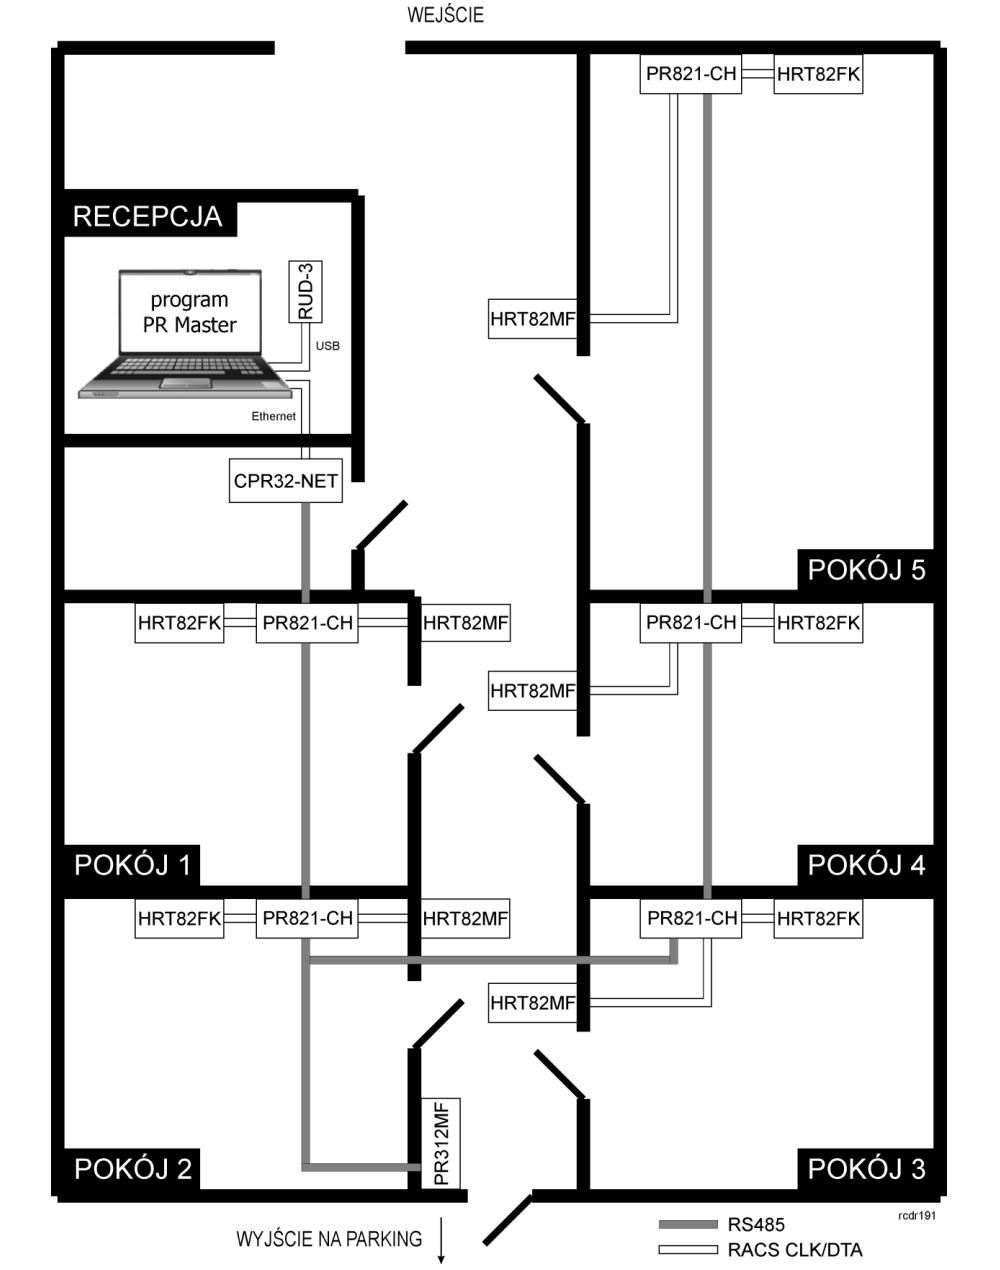 Przykładowy schemat instalacji systemu hotelowego na bazie systemu RACS 4.